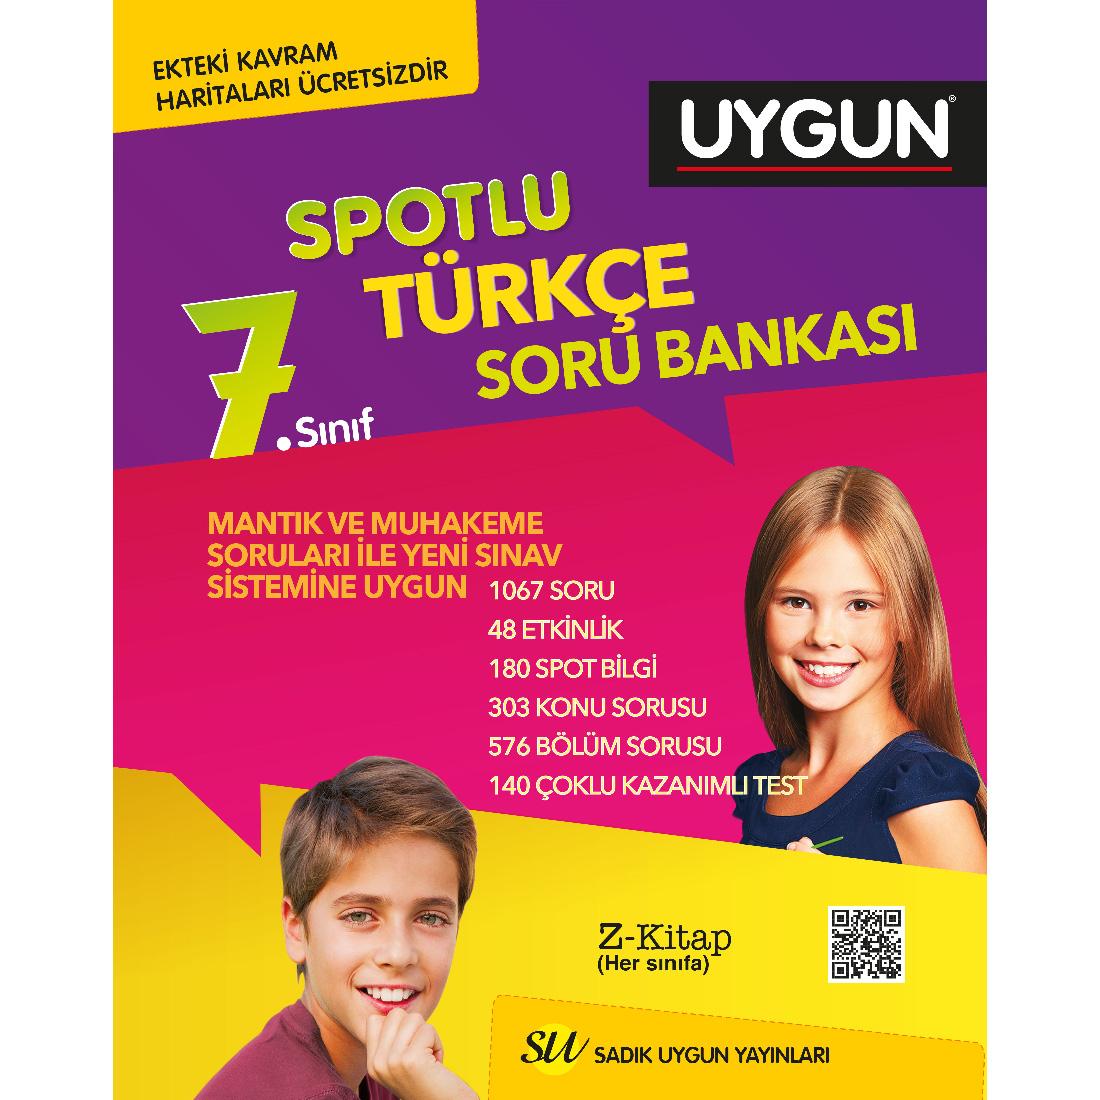 7.Sınıf Spotlu Türkçe + Kavram Haritası Sadık Uygun Yayınları